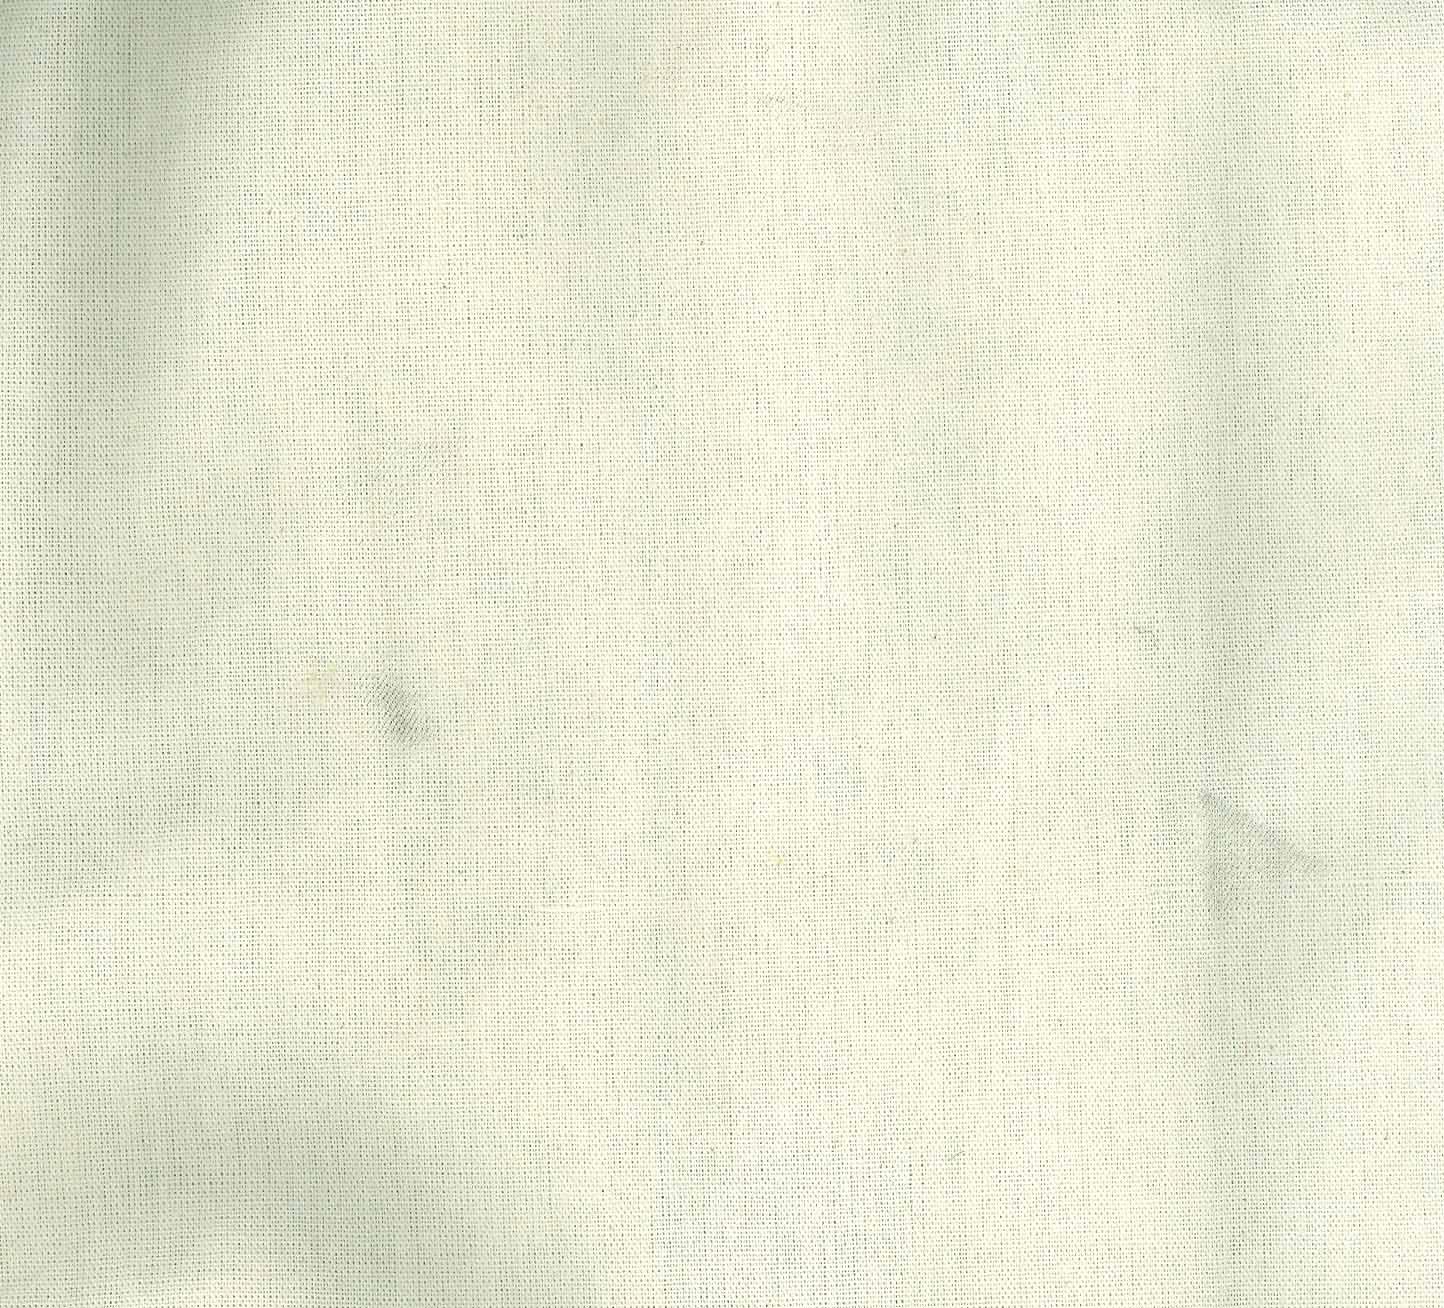 کیف پارچه ای کوچک 24*26 (جیپور سیاه،کد730)